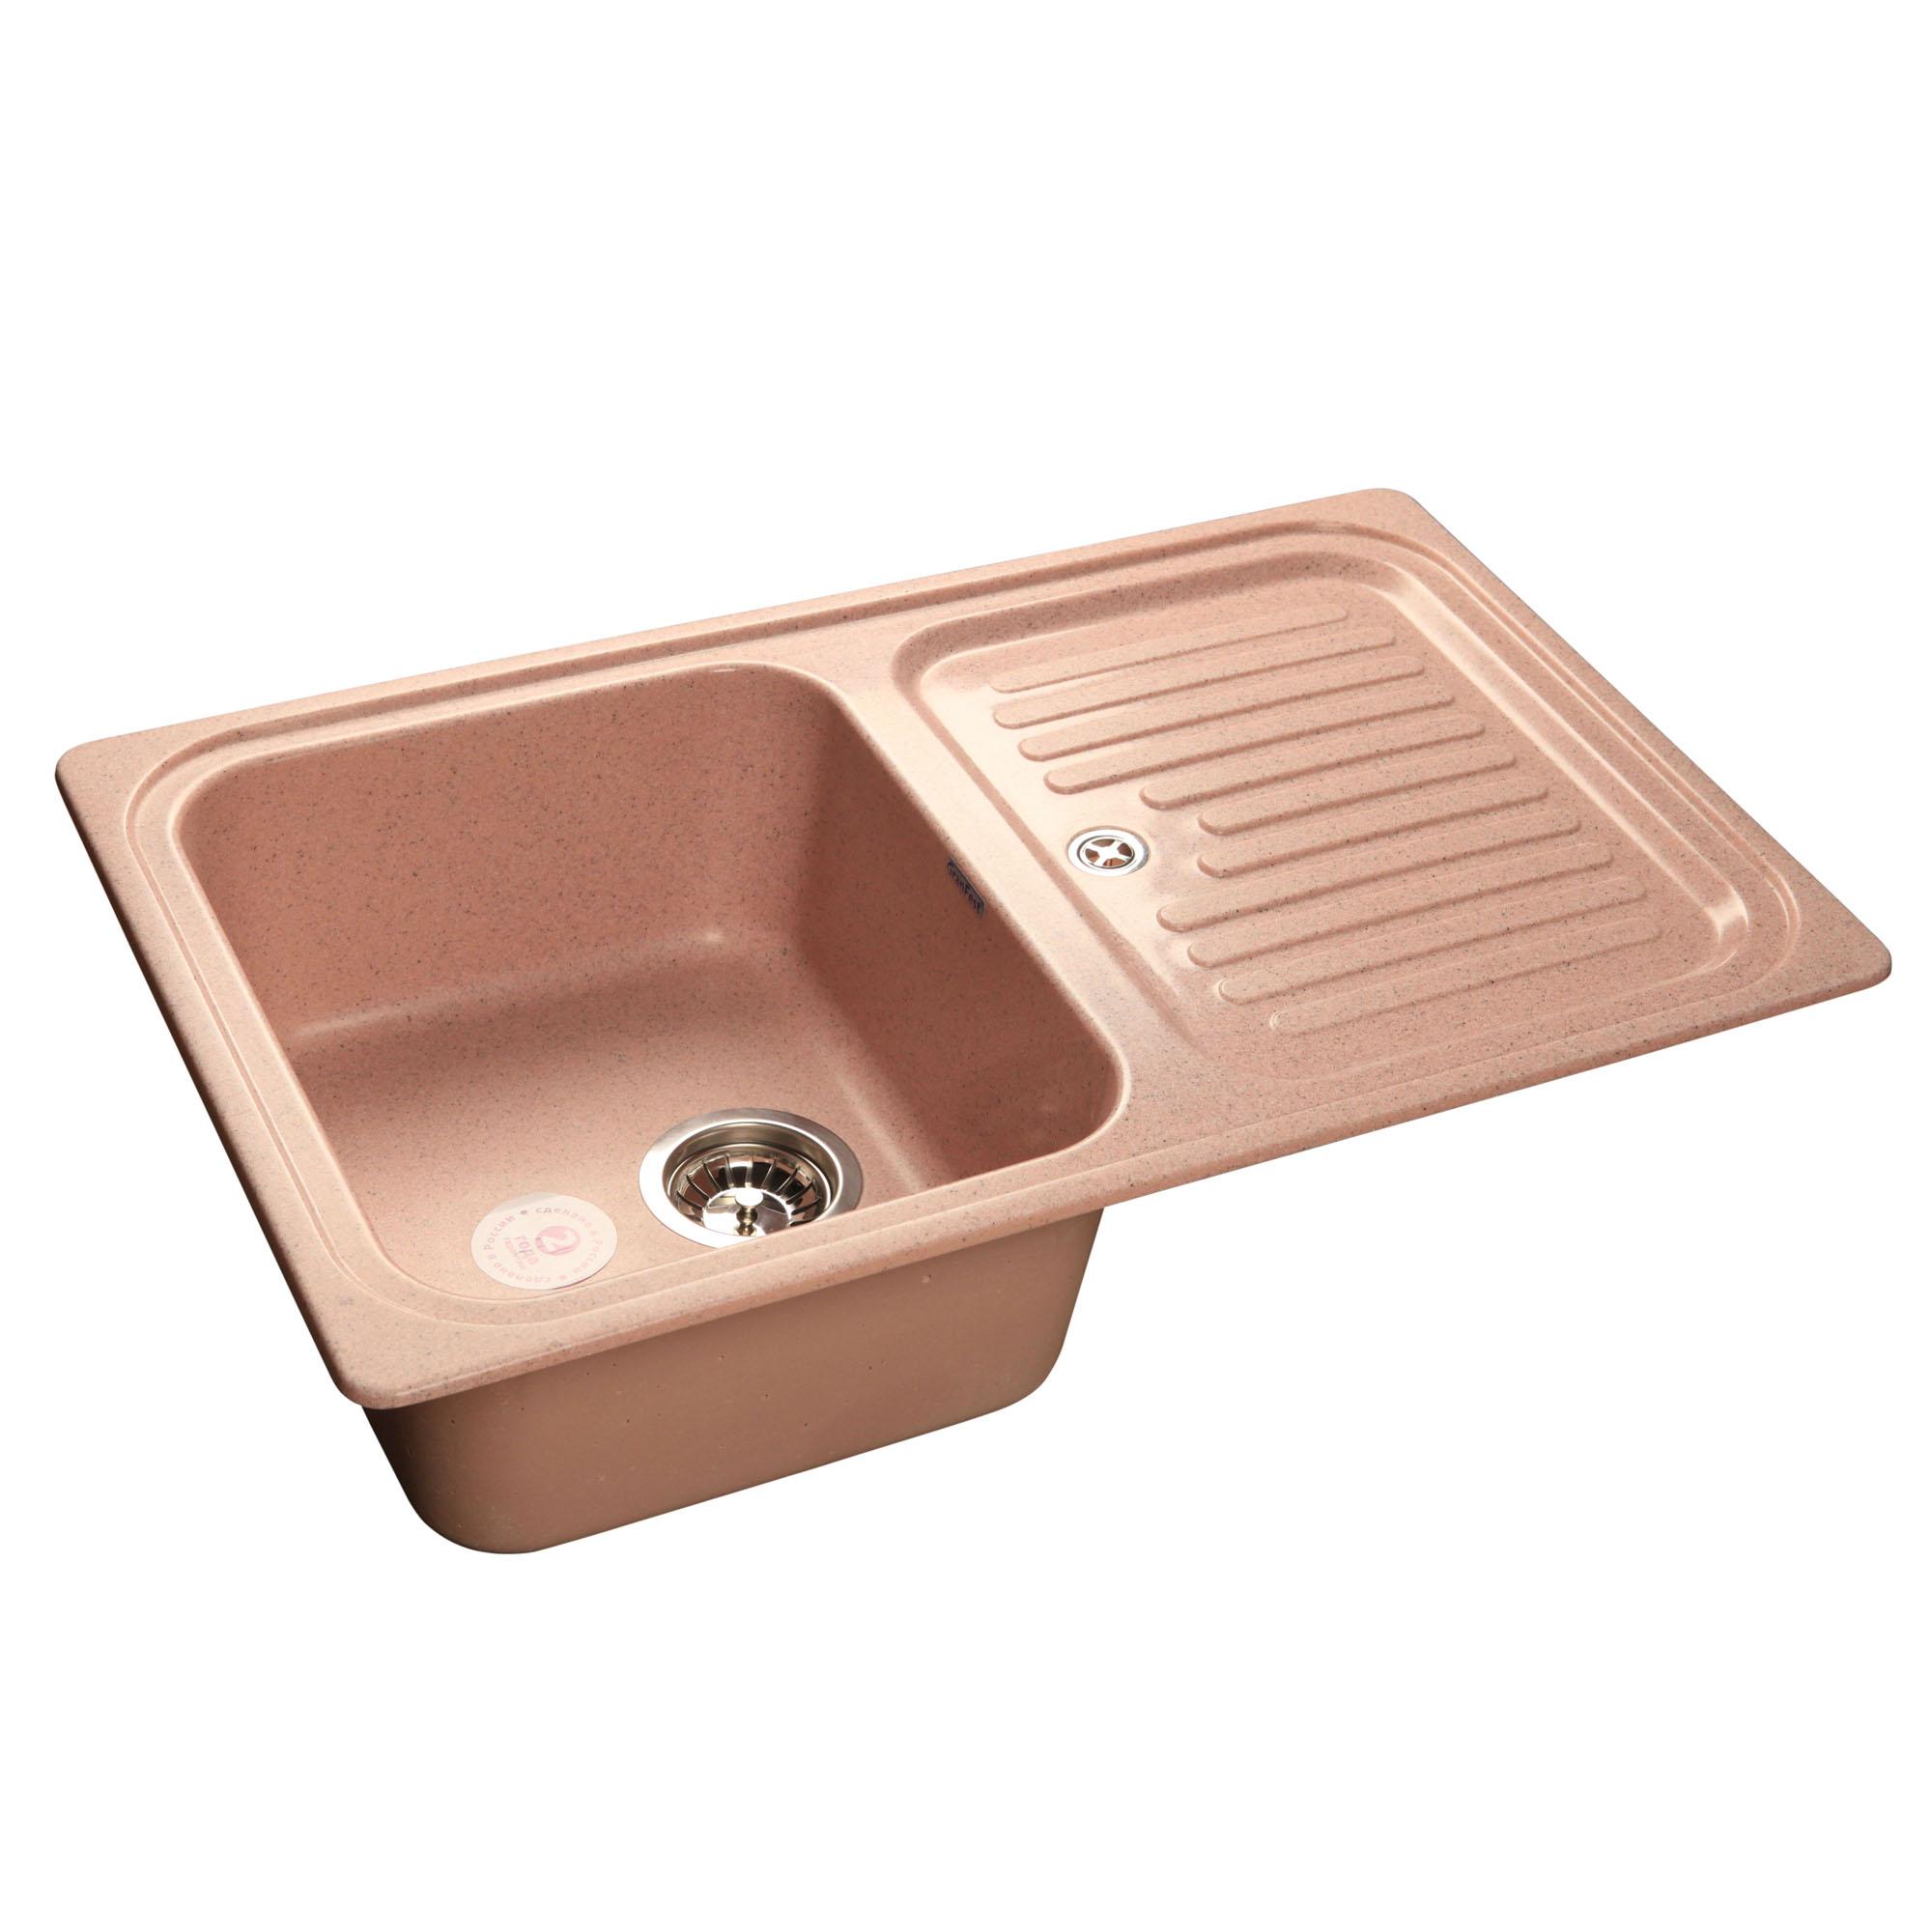 Кухонная мойка GranFest Standart GF-S780L розовый granfest gf s780l песочный